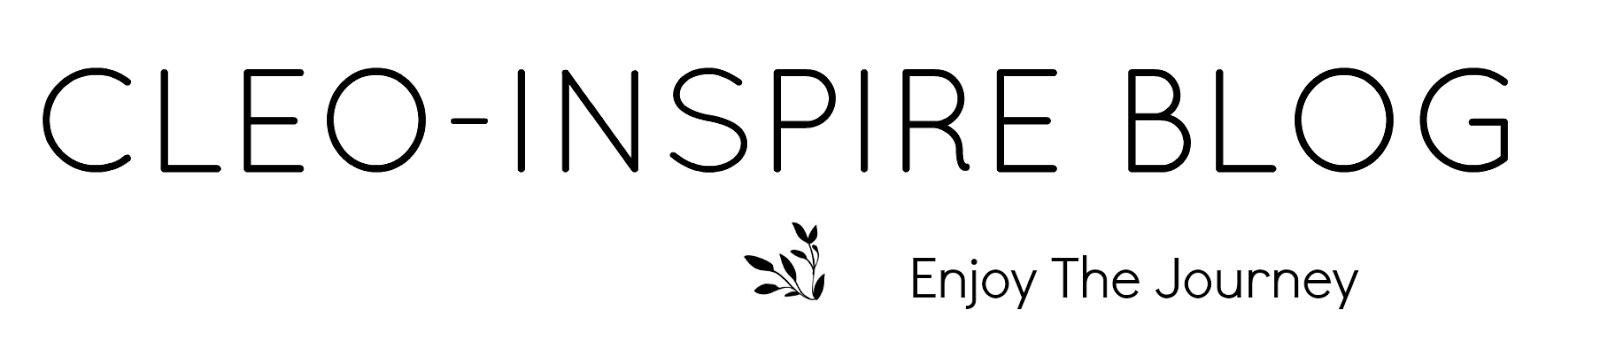 Cleo-inspire